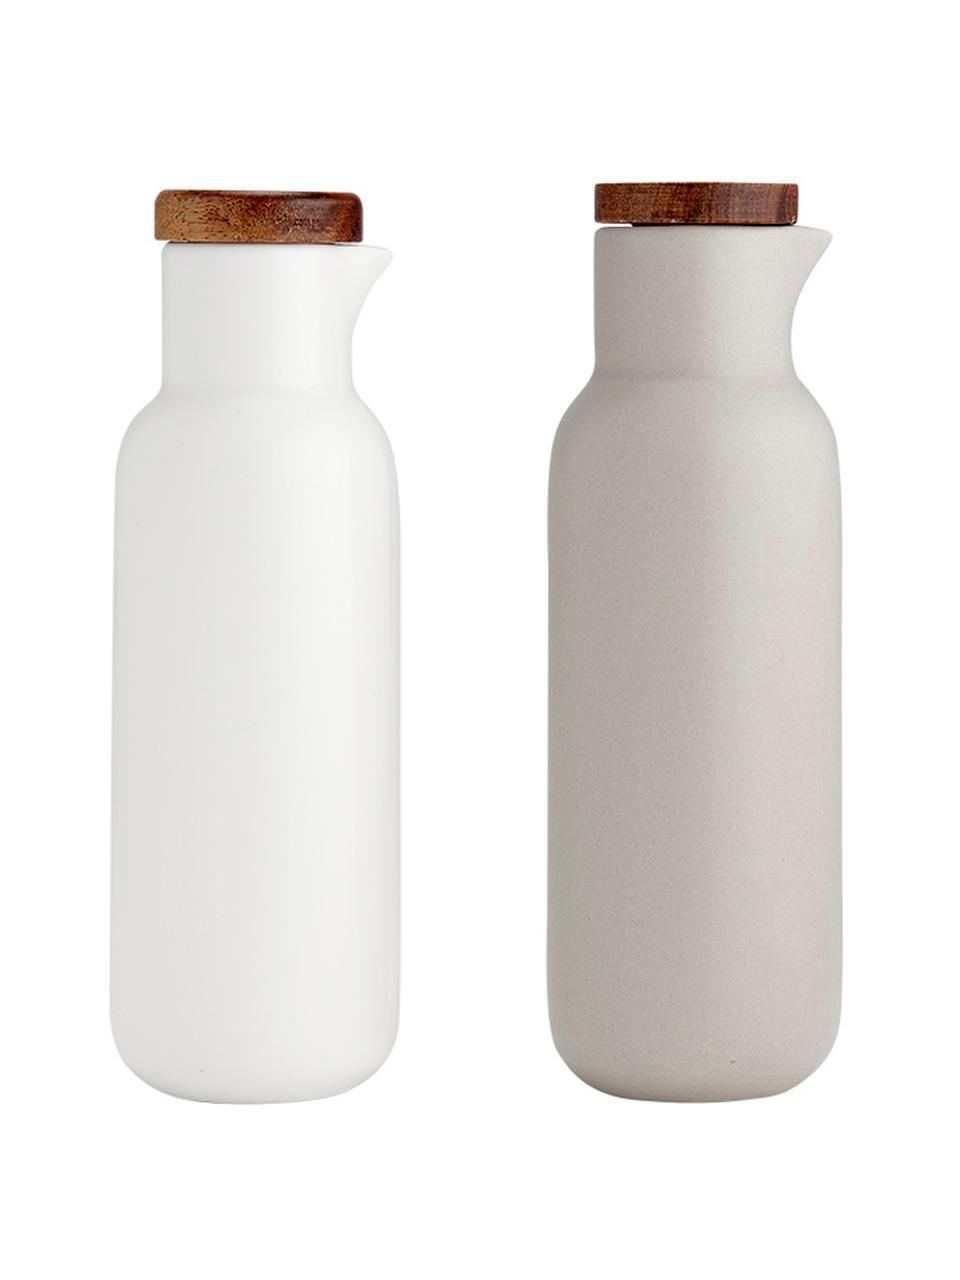 Dozownik do octu i oleju z porcelany i drewna akacjowego Villa, 2 elem., Biały, jasny szary, Ø 6 x W 18 cm